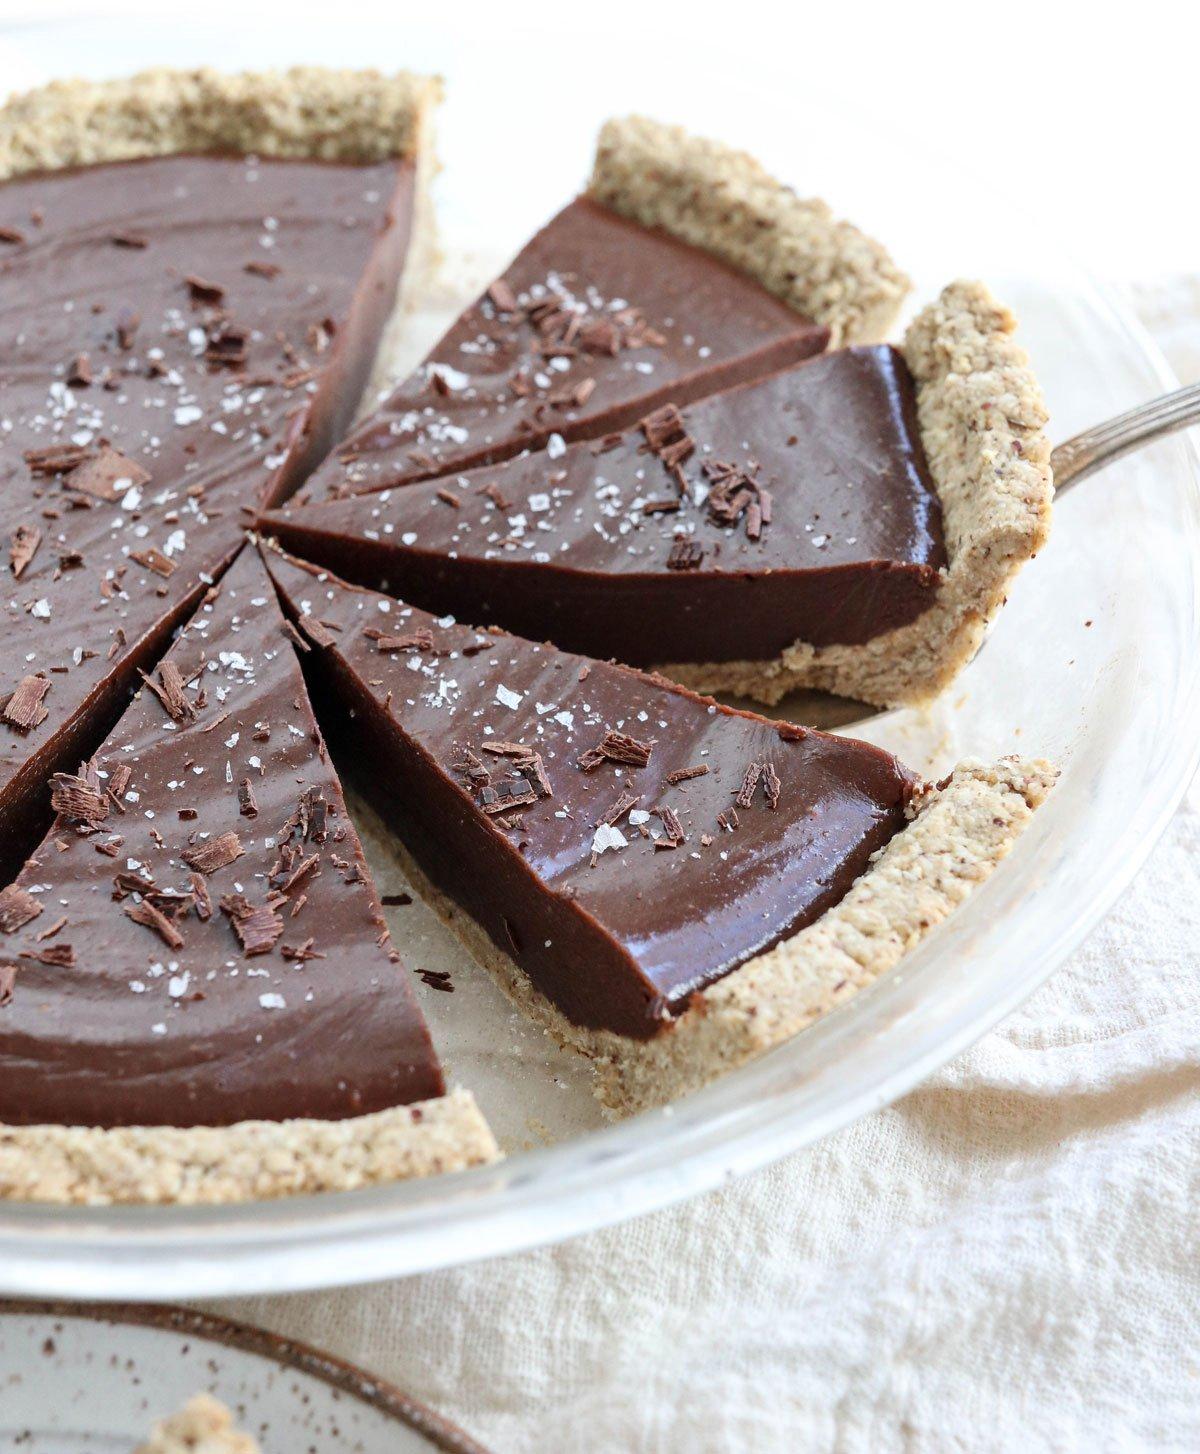 vegan chocolate tart with salt on top